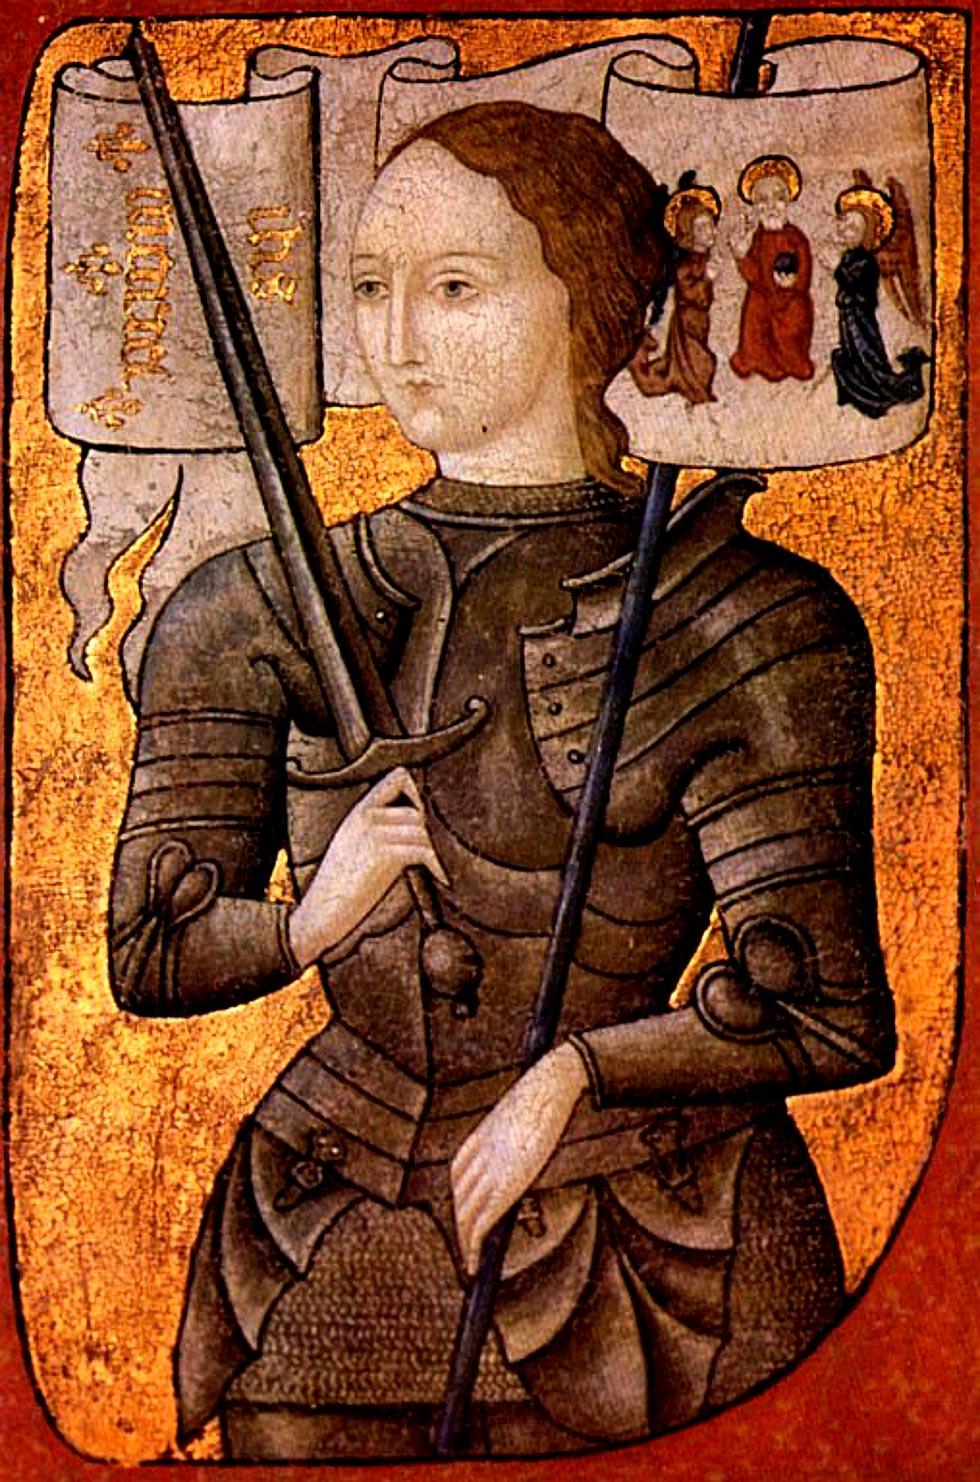 Miniatore francese del XV secolo, Giovanna d'Arco (1450-1500 circa; miniatura a olio su pergamena; Parigi, Archives Nationales)